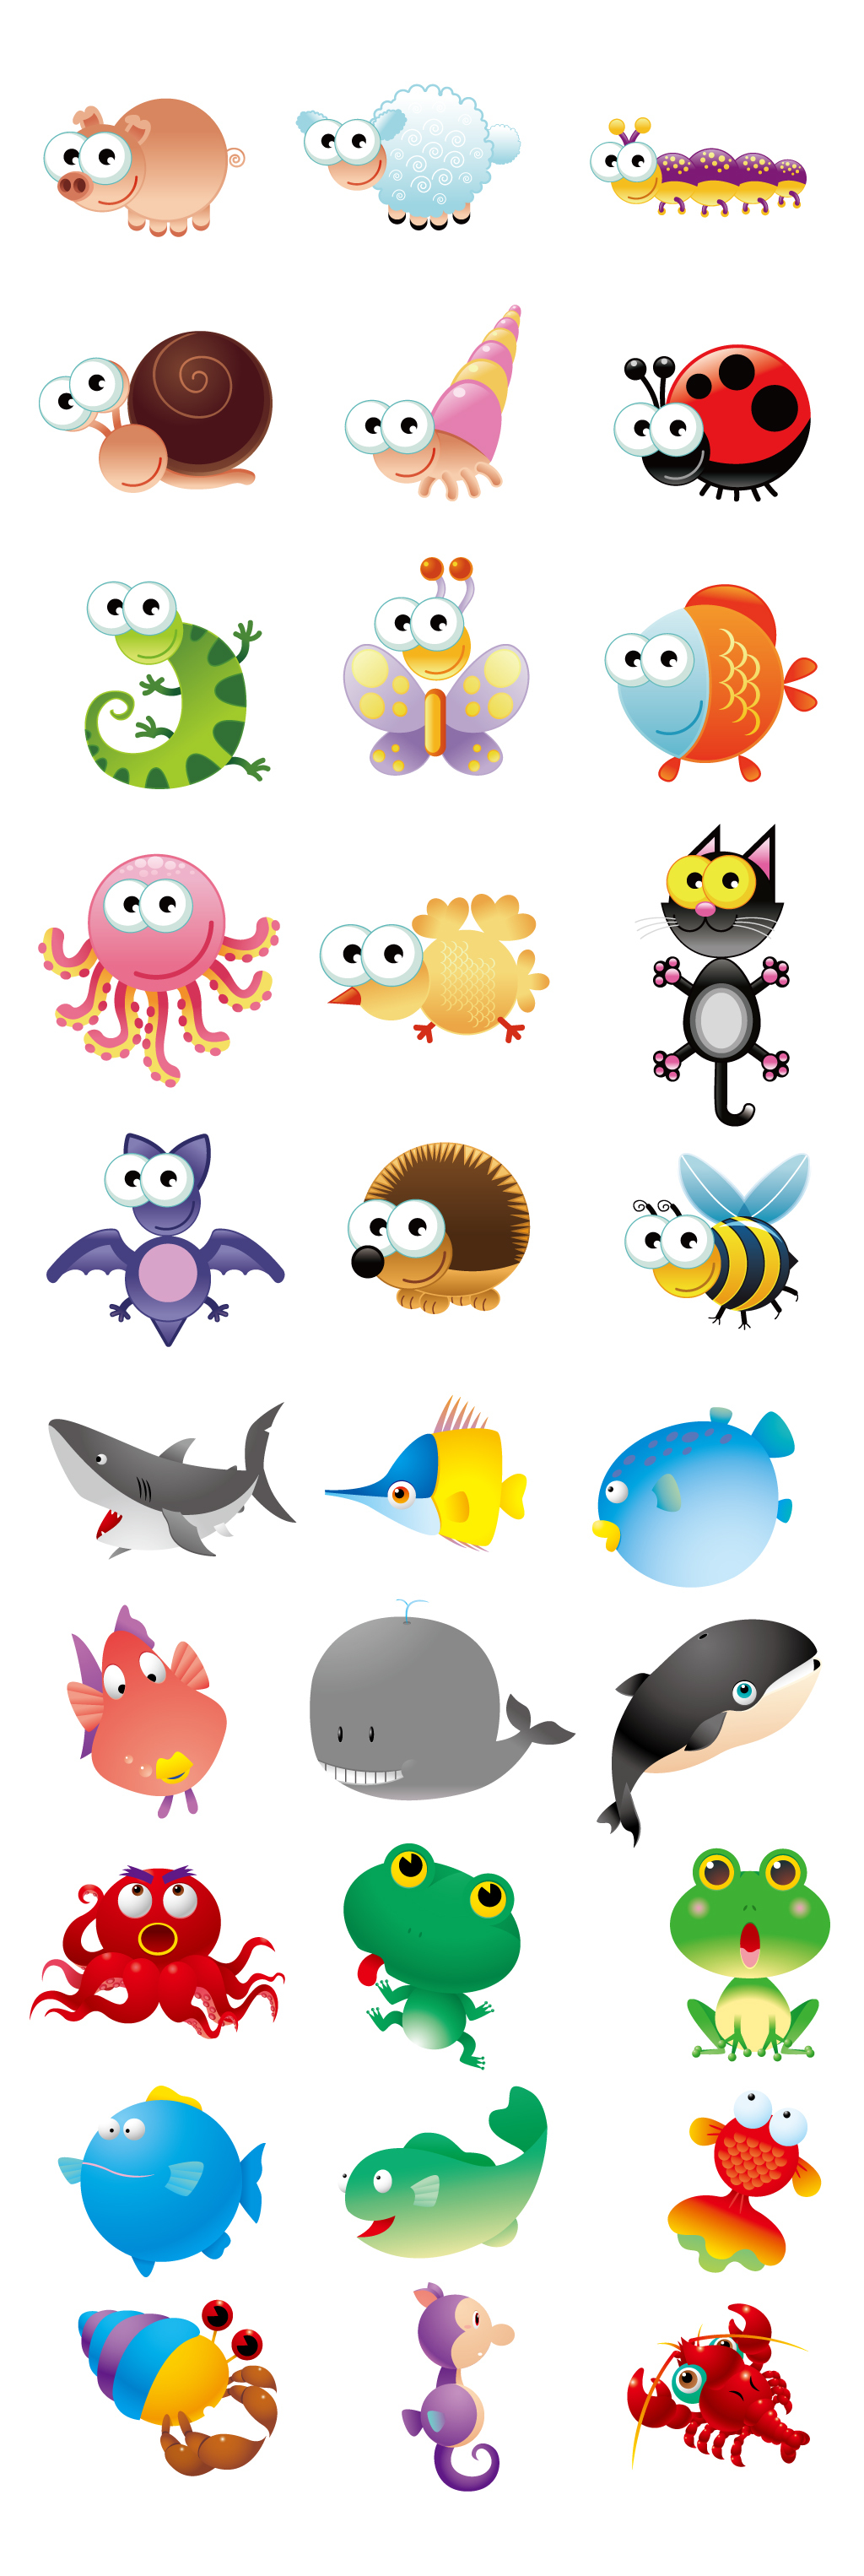 原创设计可爱小动物创意手绘卡通动物集合矢量素材